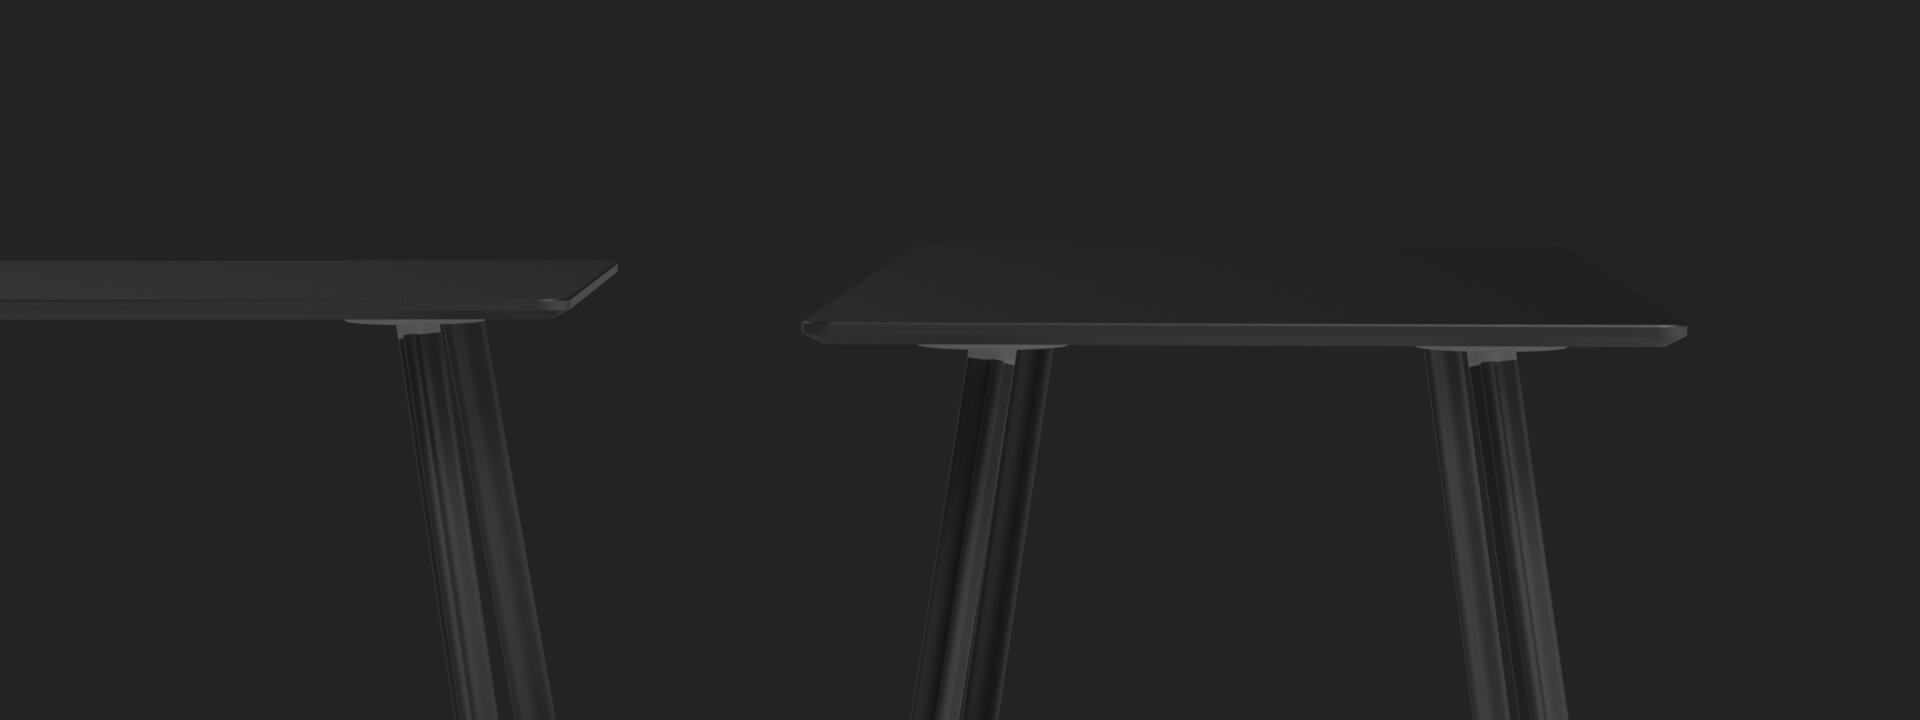 Beam Tischbein, Tischgestelle, Tischgestelle, Linoleumplatte, Tischbeine